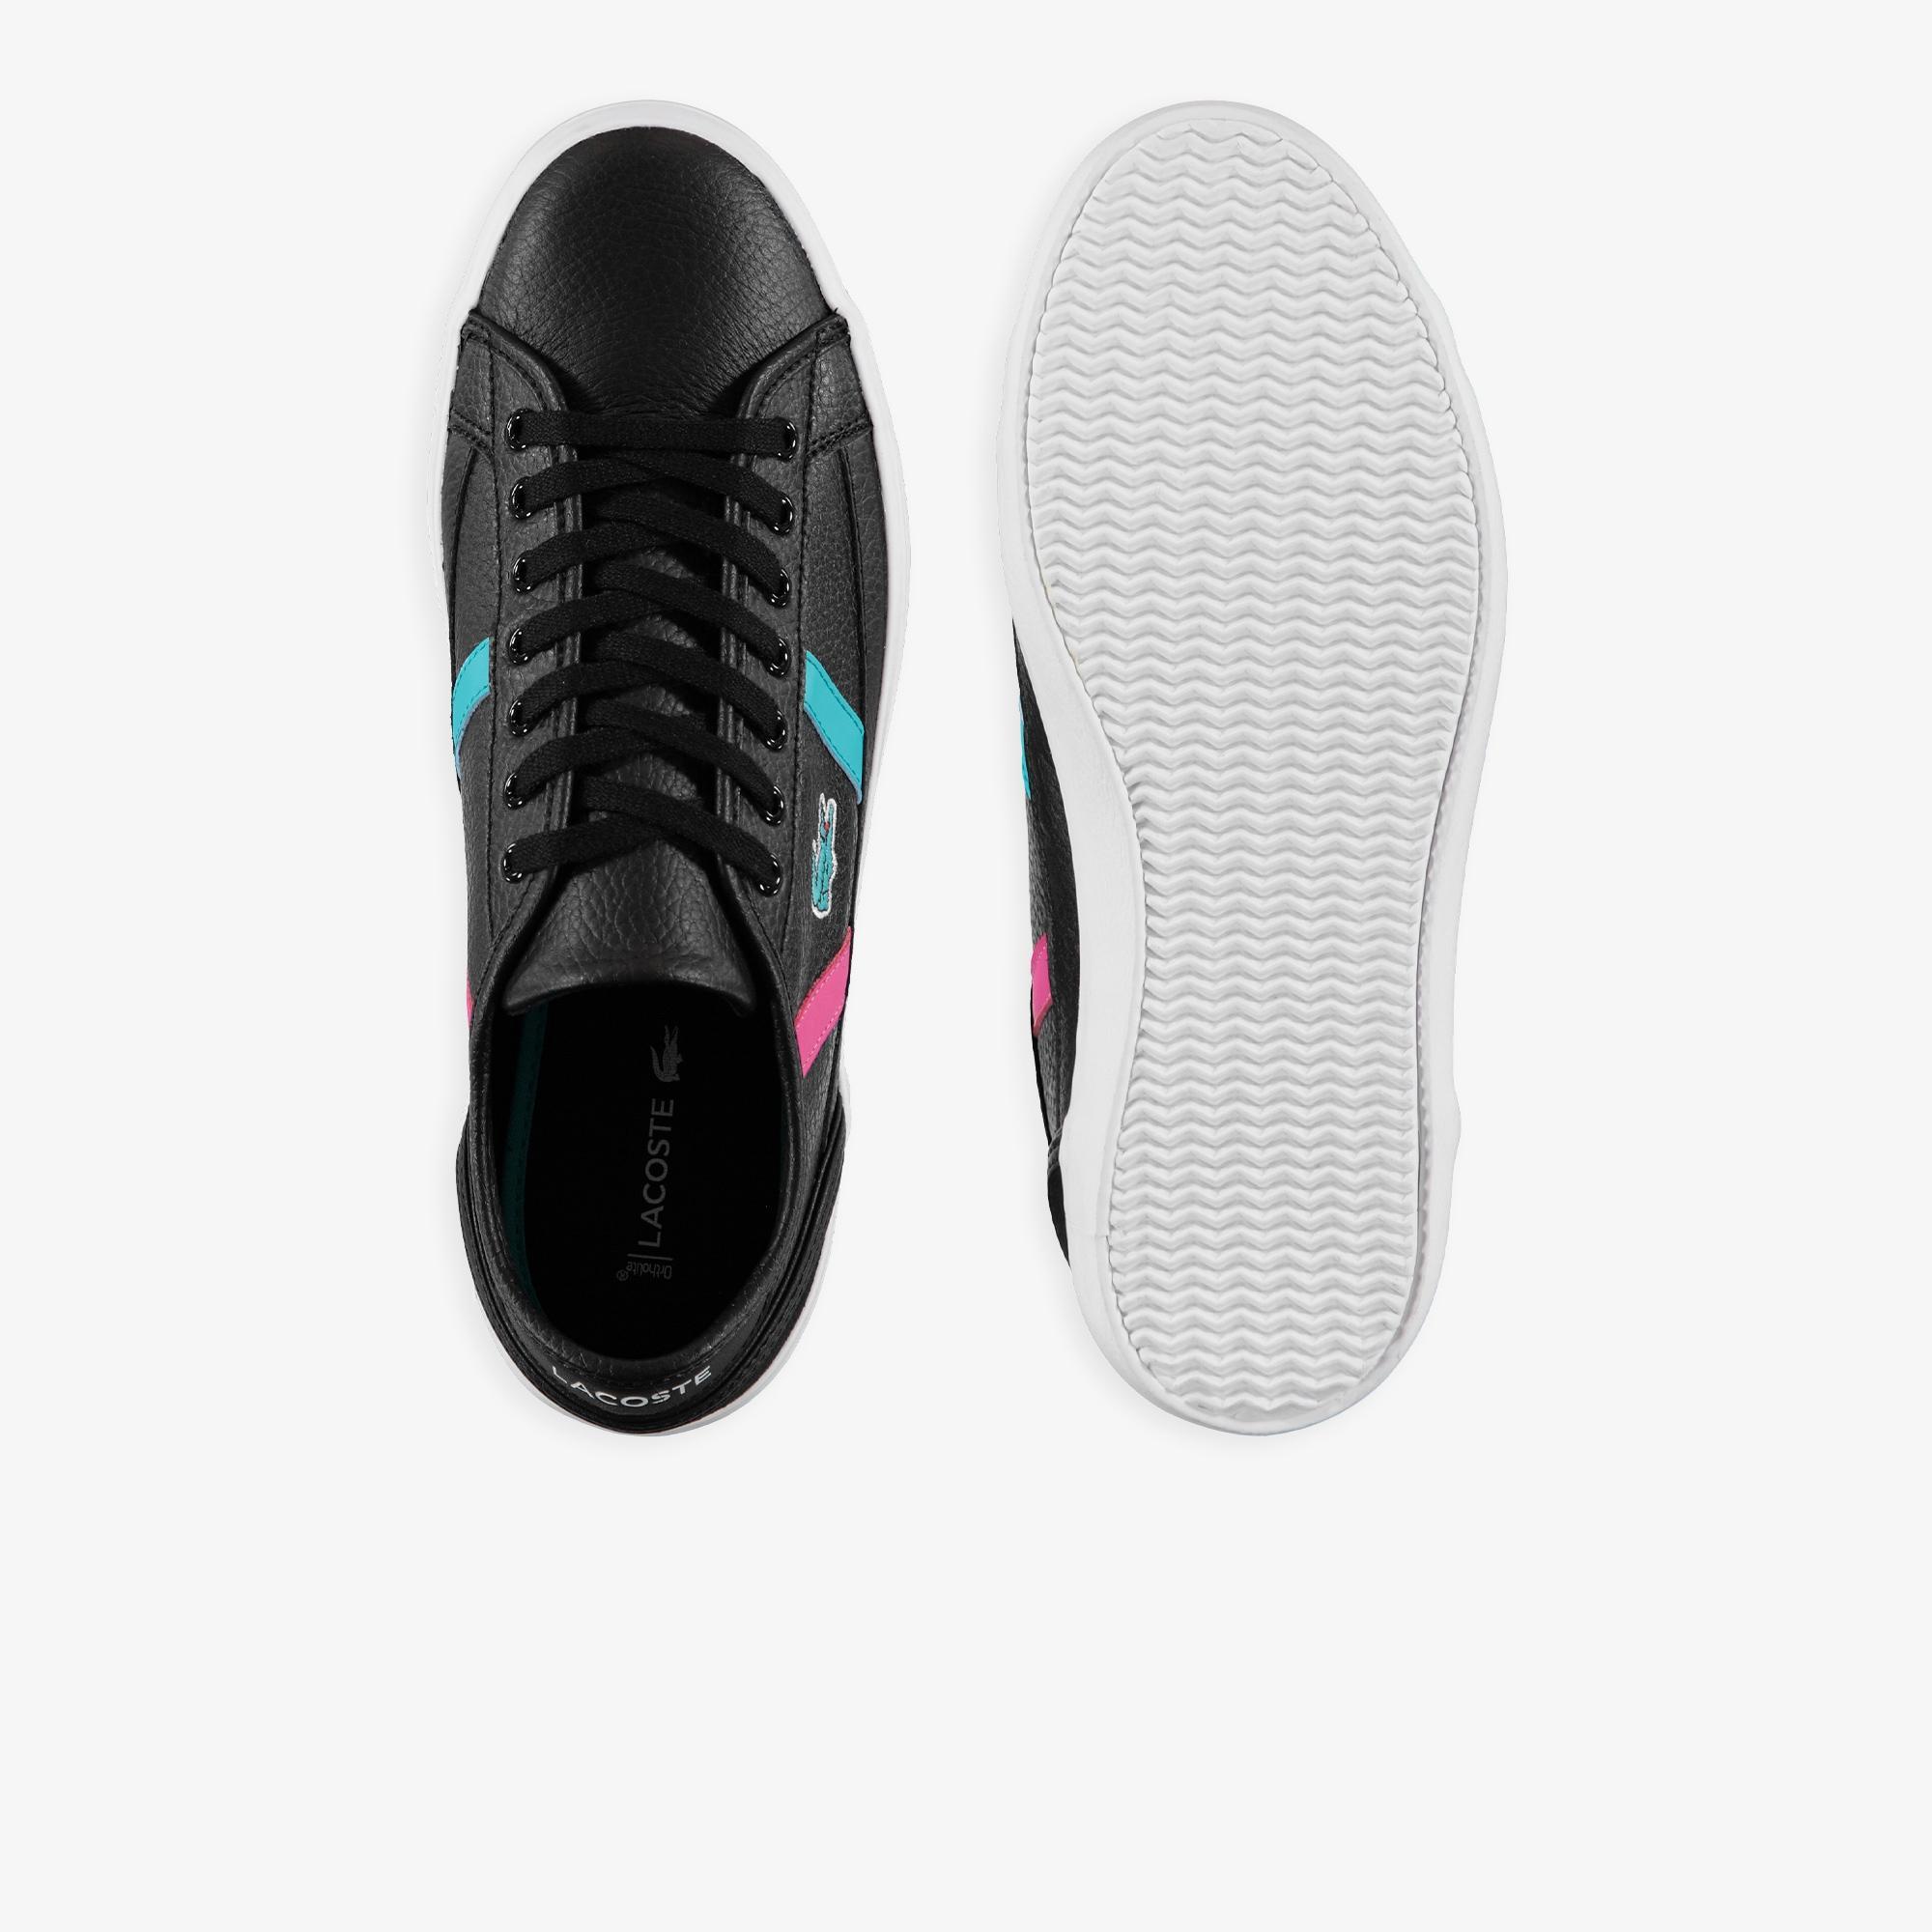 Lacoste Sideline 419 2 Qsp Cma Erkek Siyah Renkli Çizgili Casual Ayakkabı